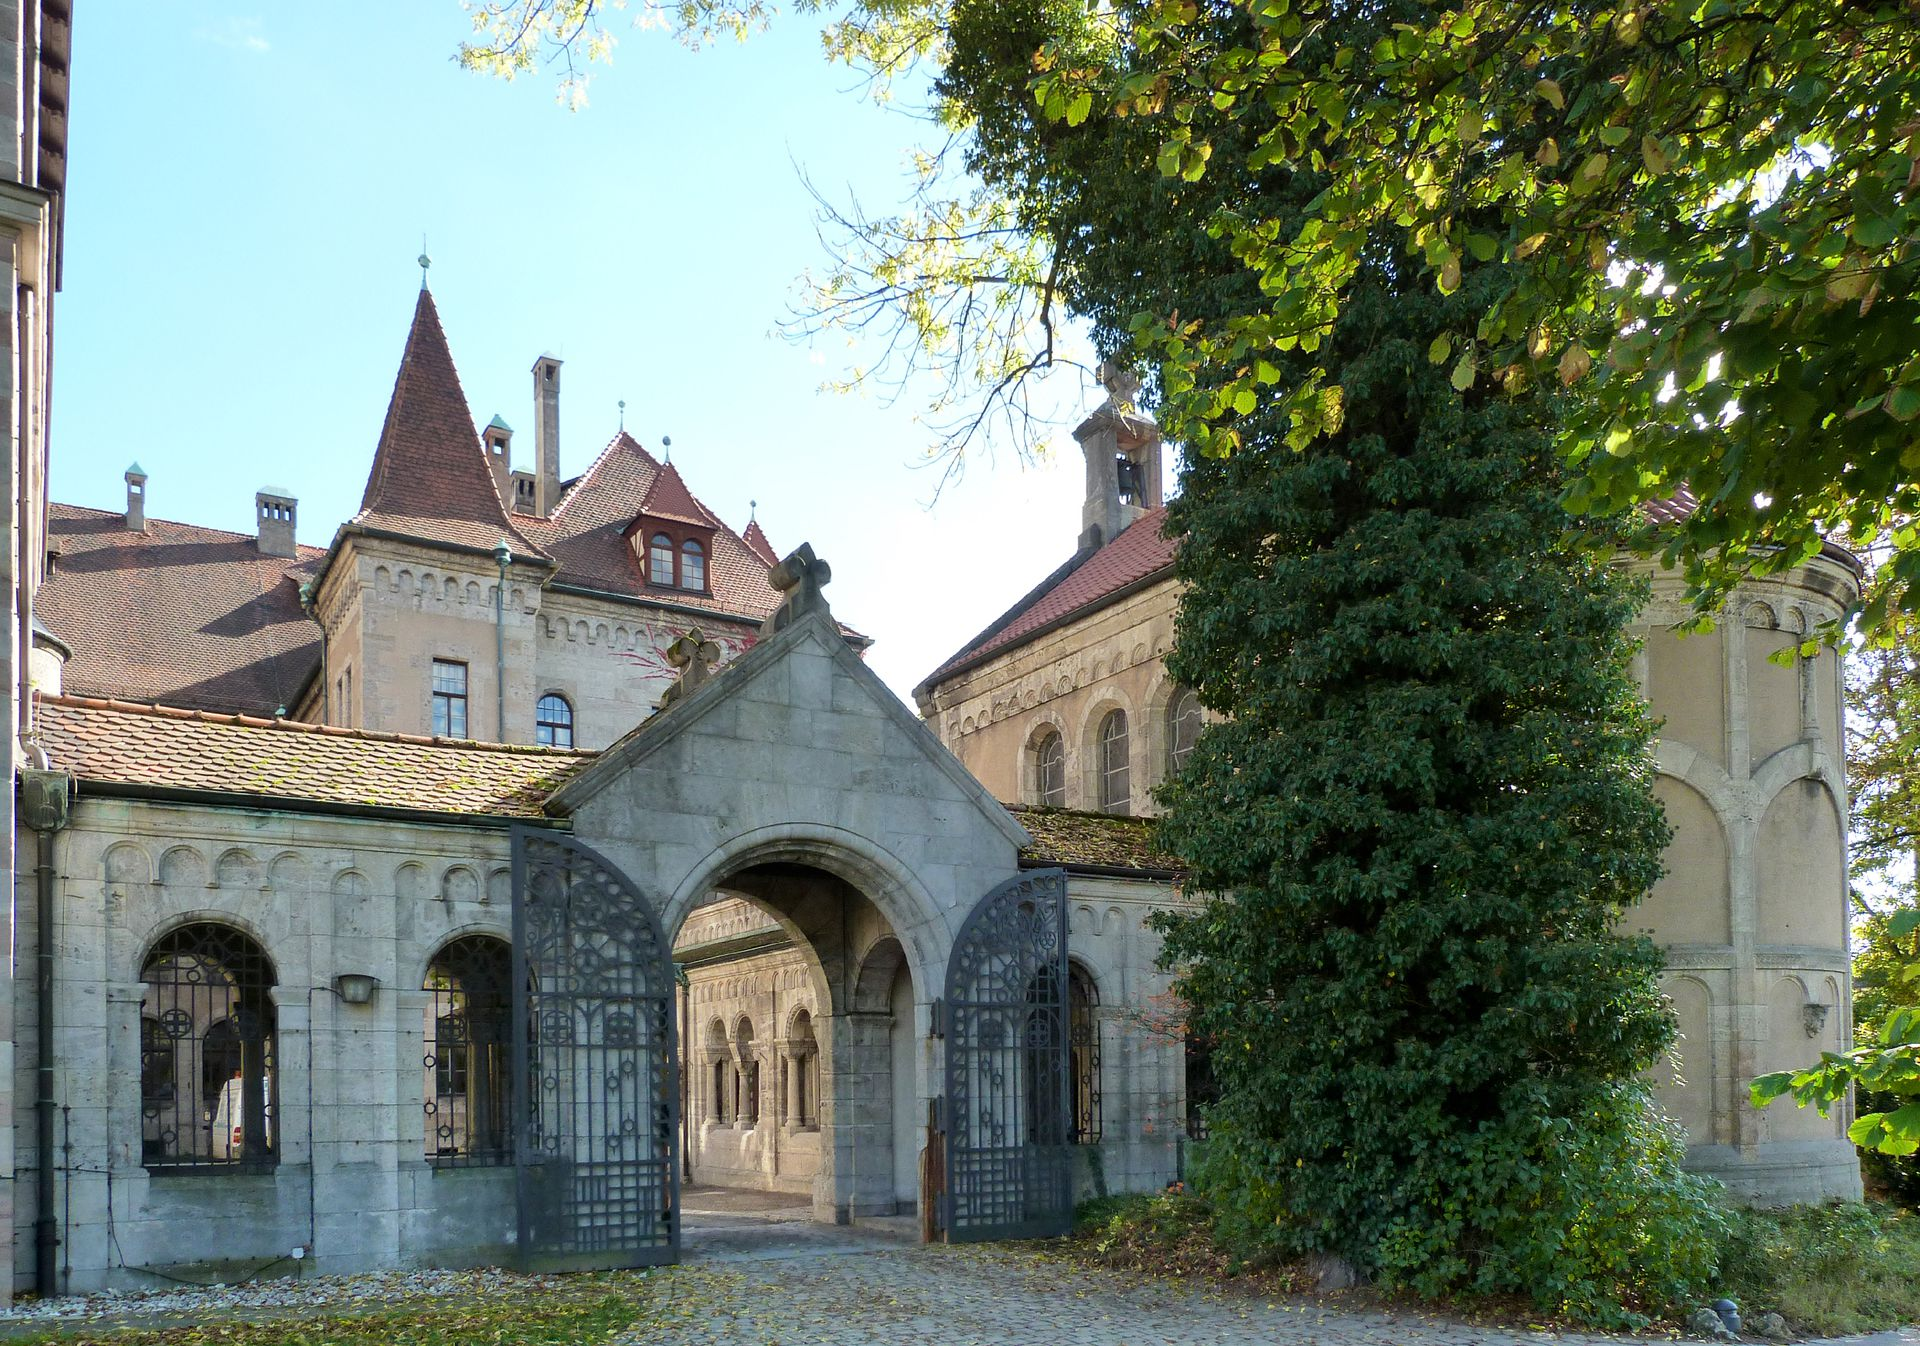 Castle Faber-Castell Entrance in Nürnberger Straße